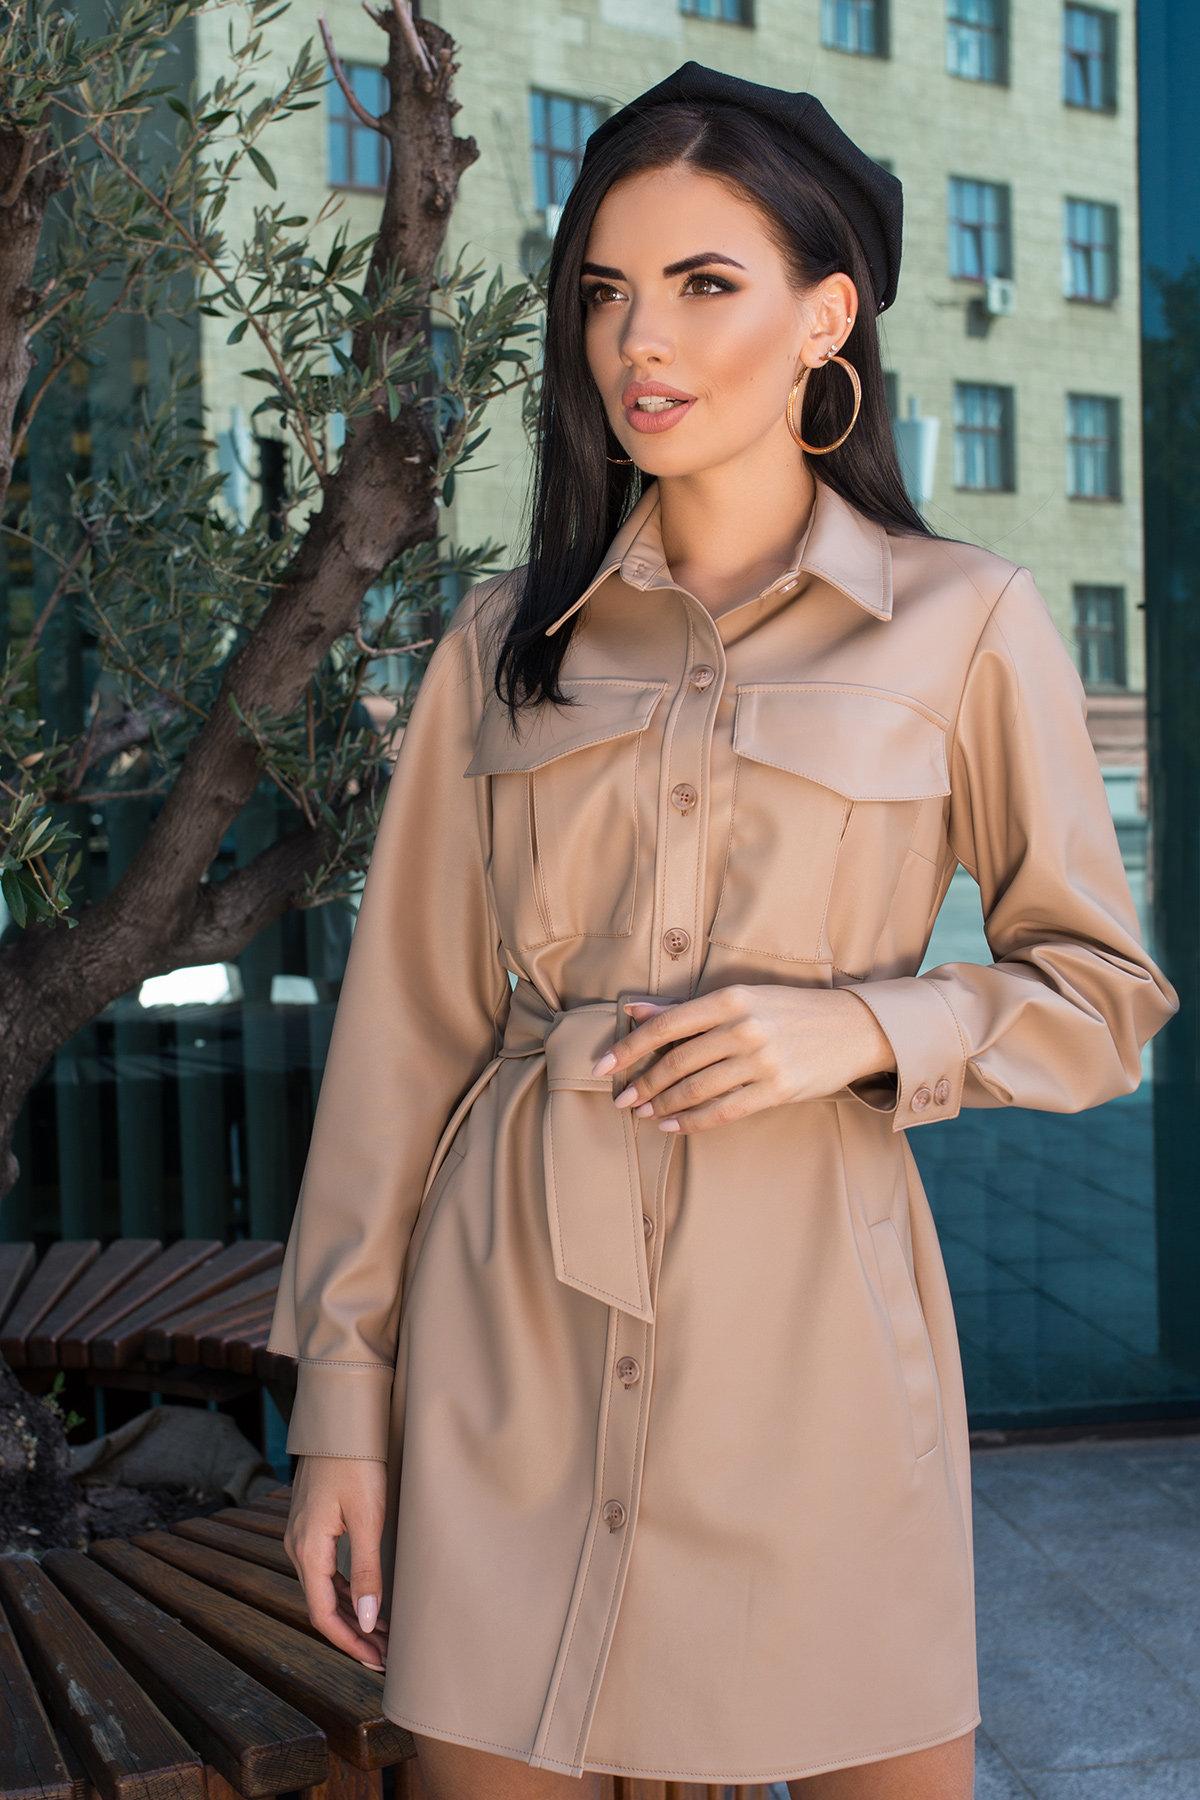 Платье-рубашка из экокожи Амиго 8075 Цвет: Бежевый Темный